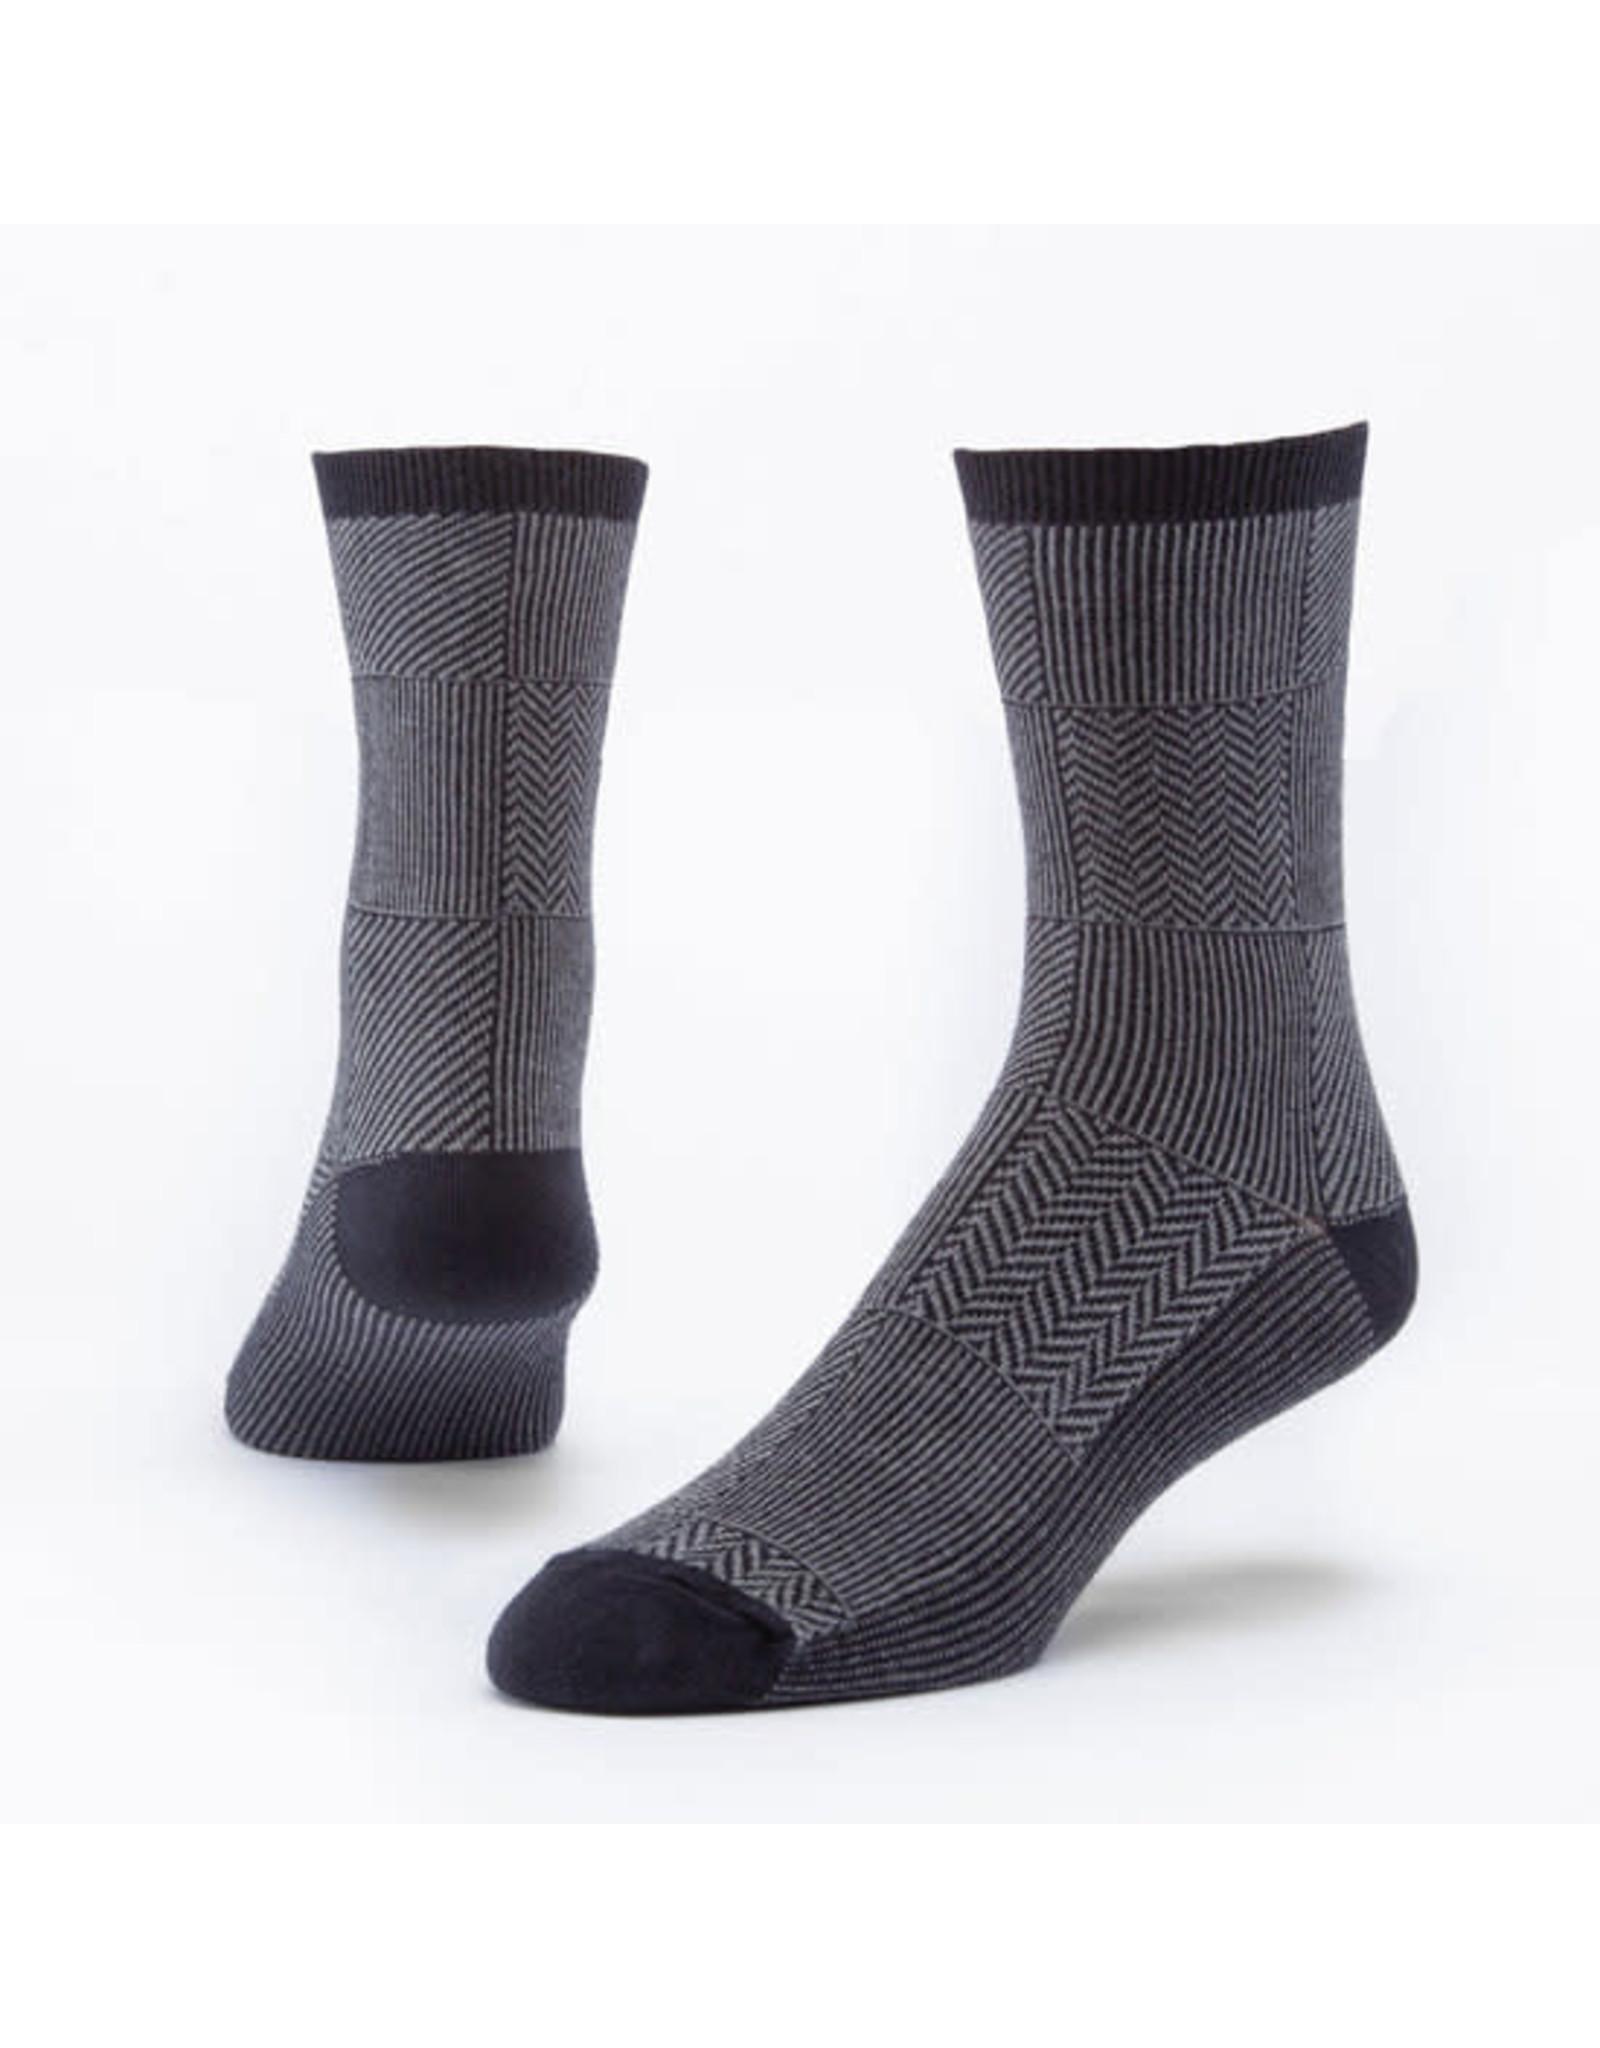 Trouser Socks, Black/Gray